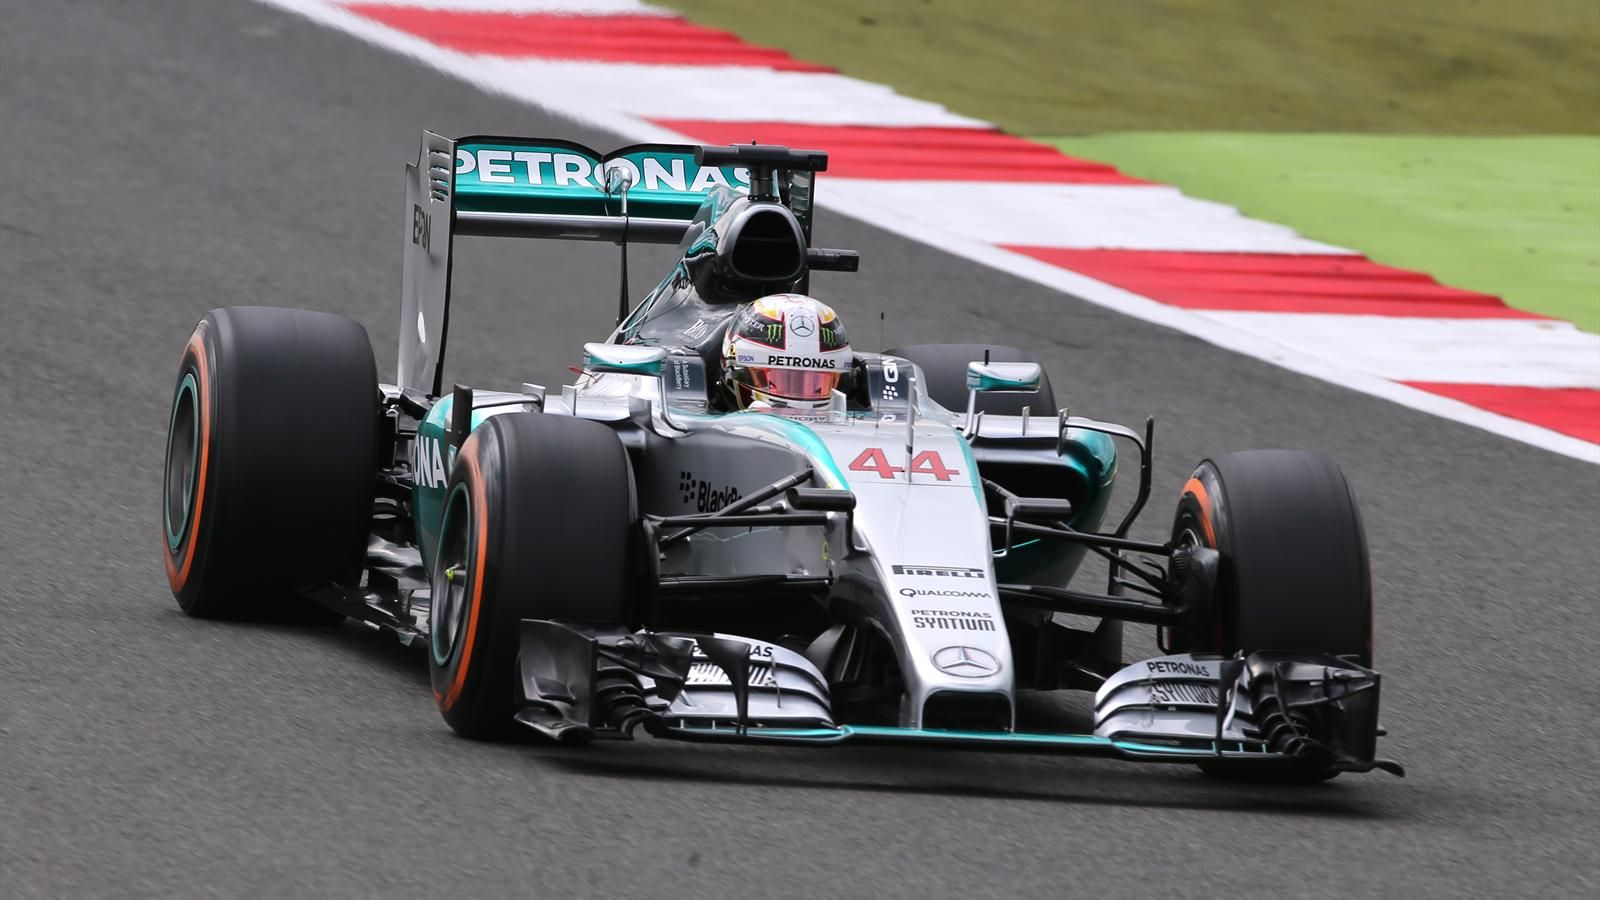 Mercedesa najhitrejša na prvem treningu